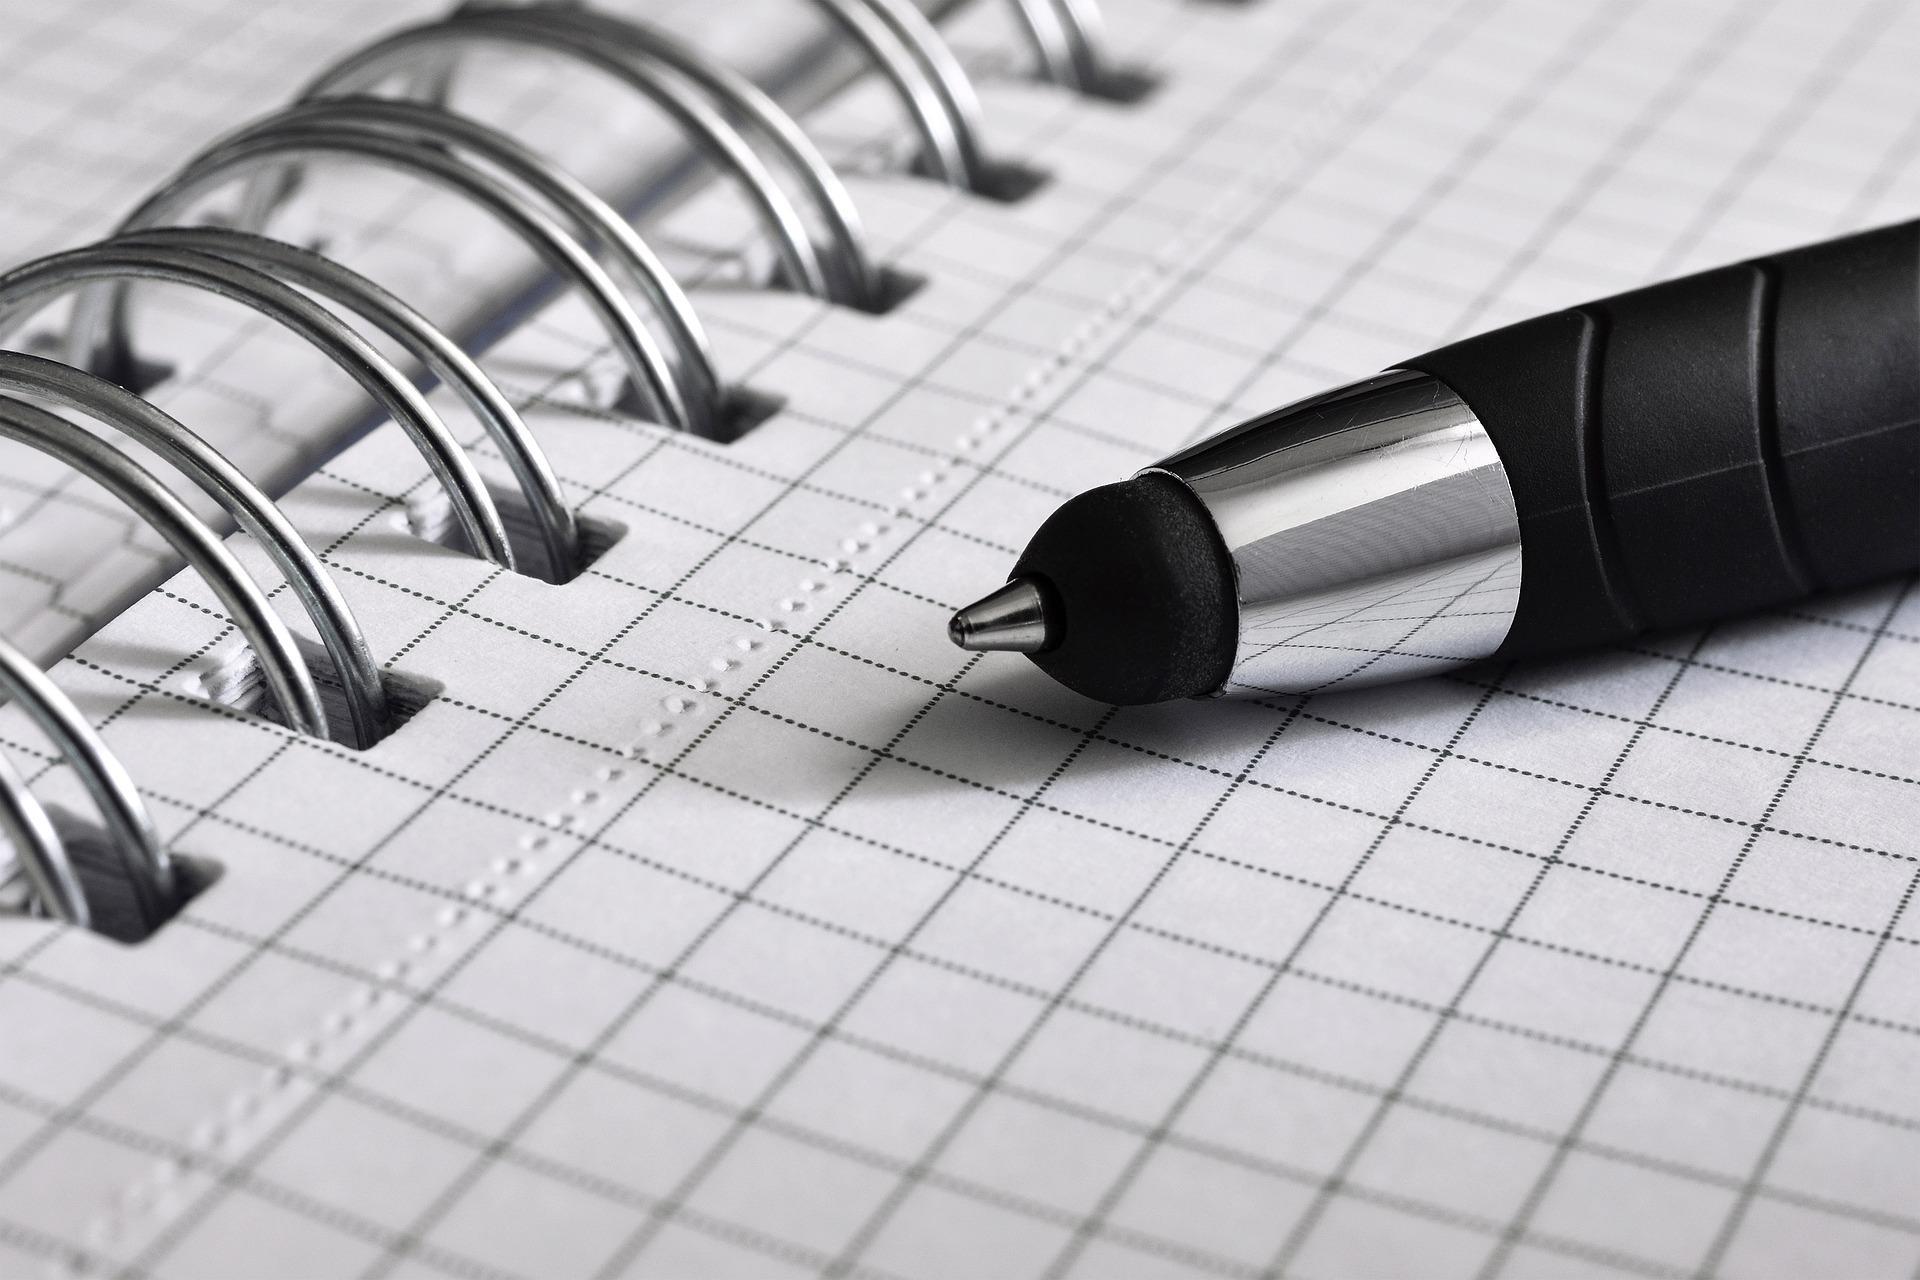 Die Vollstreckungsakte des Finanzamtes - und die Akteneinsicht des Insolvenzverwalters